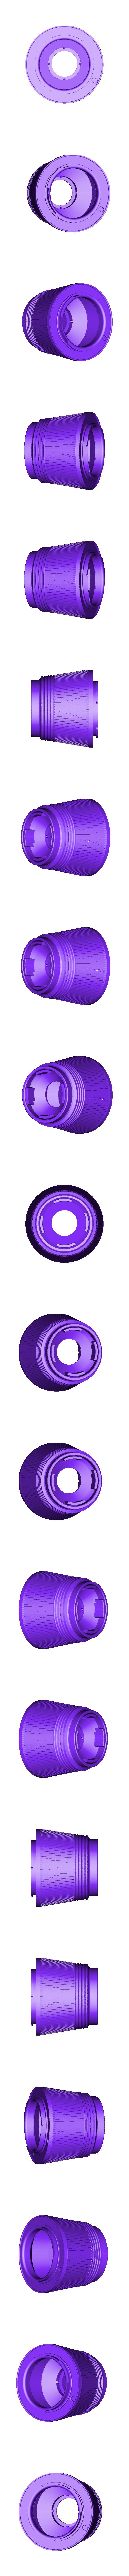 Diana%2B_F_to_Sony_E-Mount-Adaptor_v1_1.stl Télécharger fichier STL gratuit Adaptateur Sony E-Mount (NEX) pour objectif Diana F • Design pour impression 3D, AlbertKhan3D